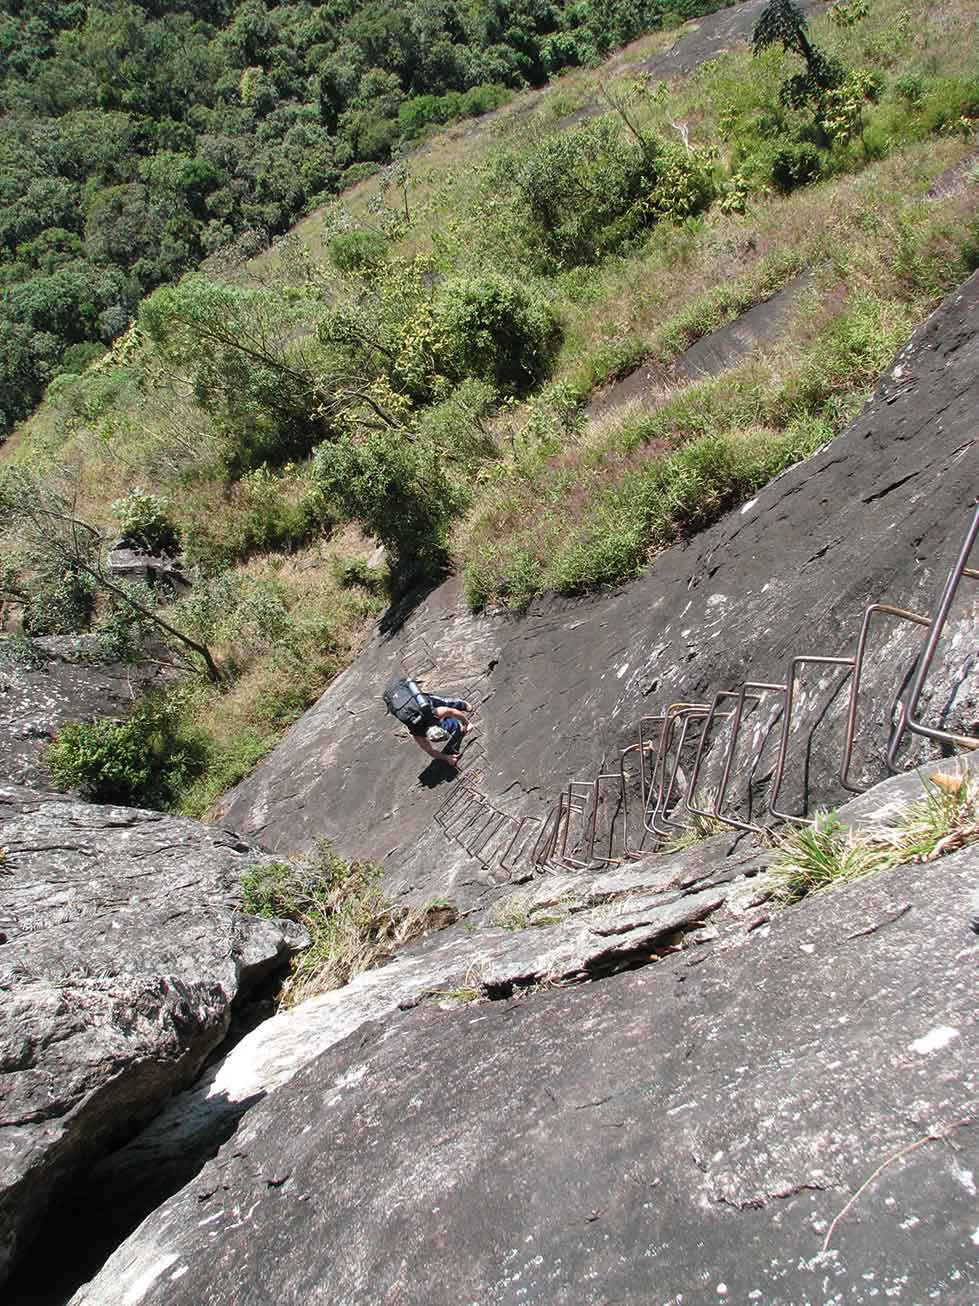 Sao-Bento-do-Sapucai-Esporte-Subida-Pedra-do-Bau-Mantiqueira-Aventura-bx